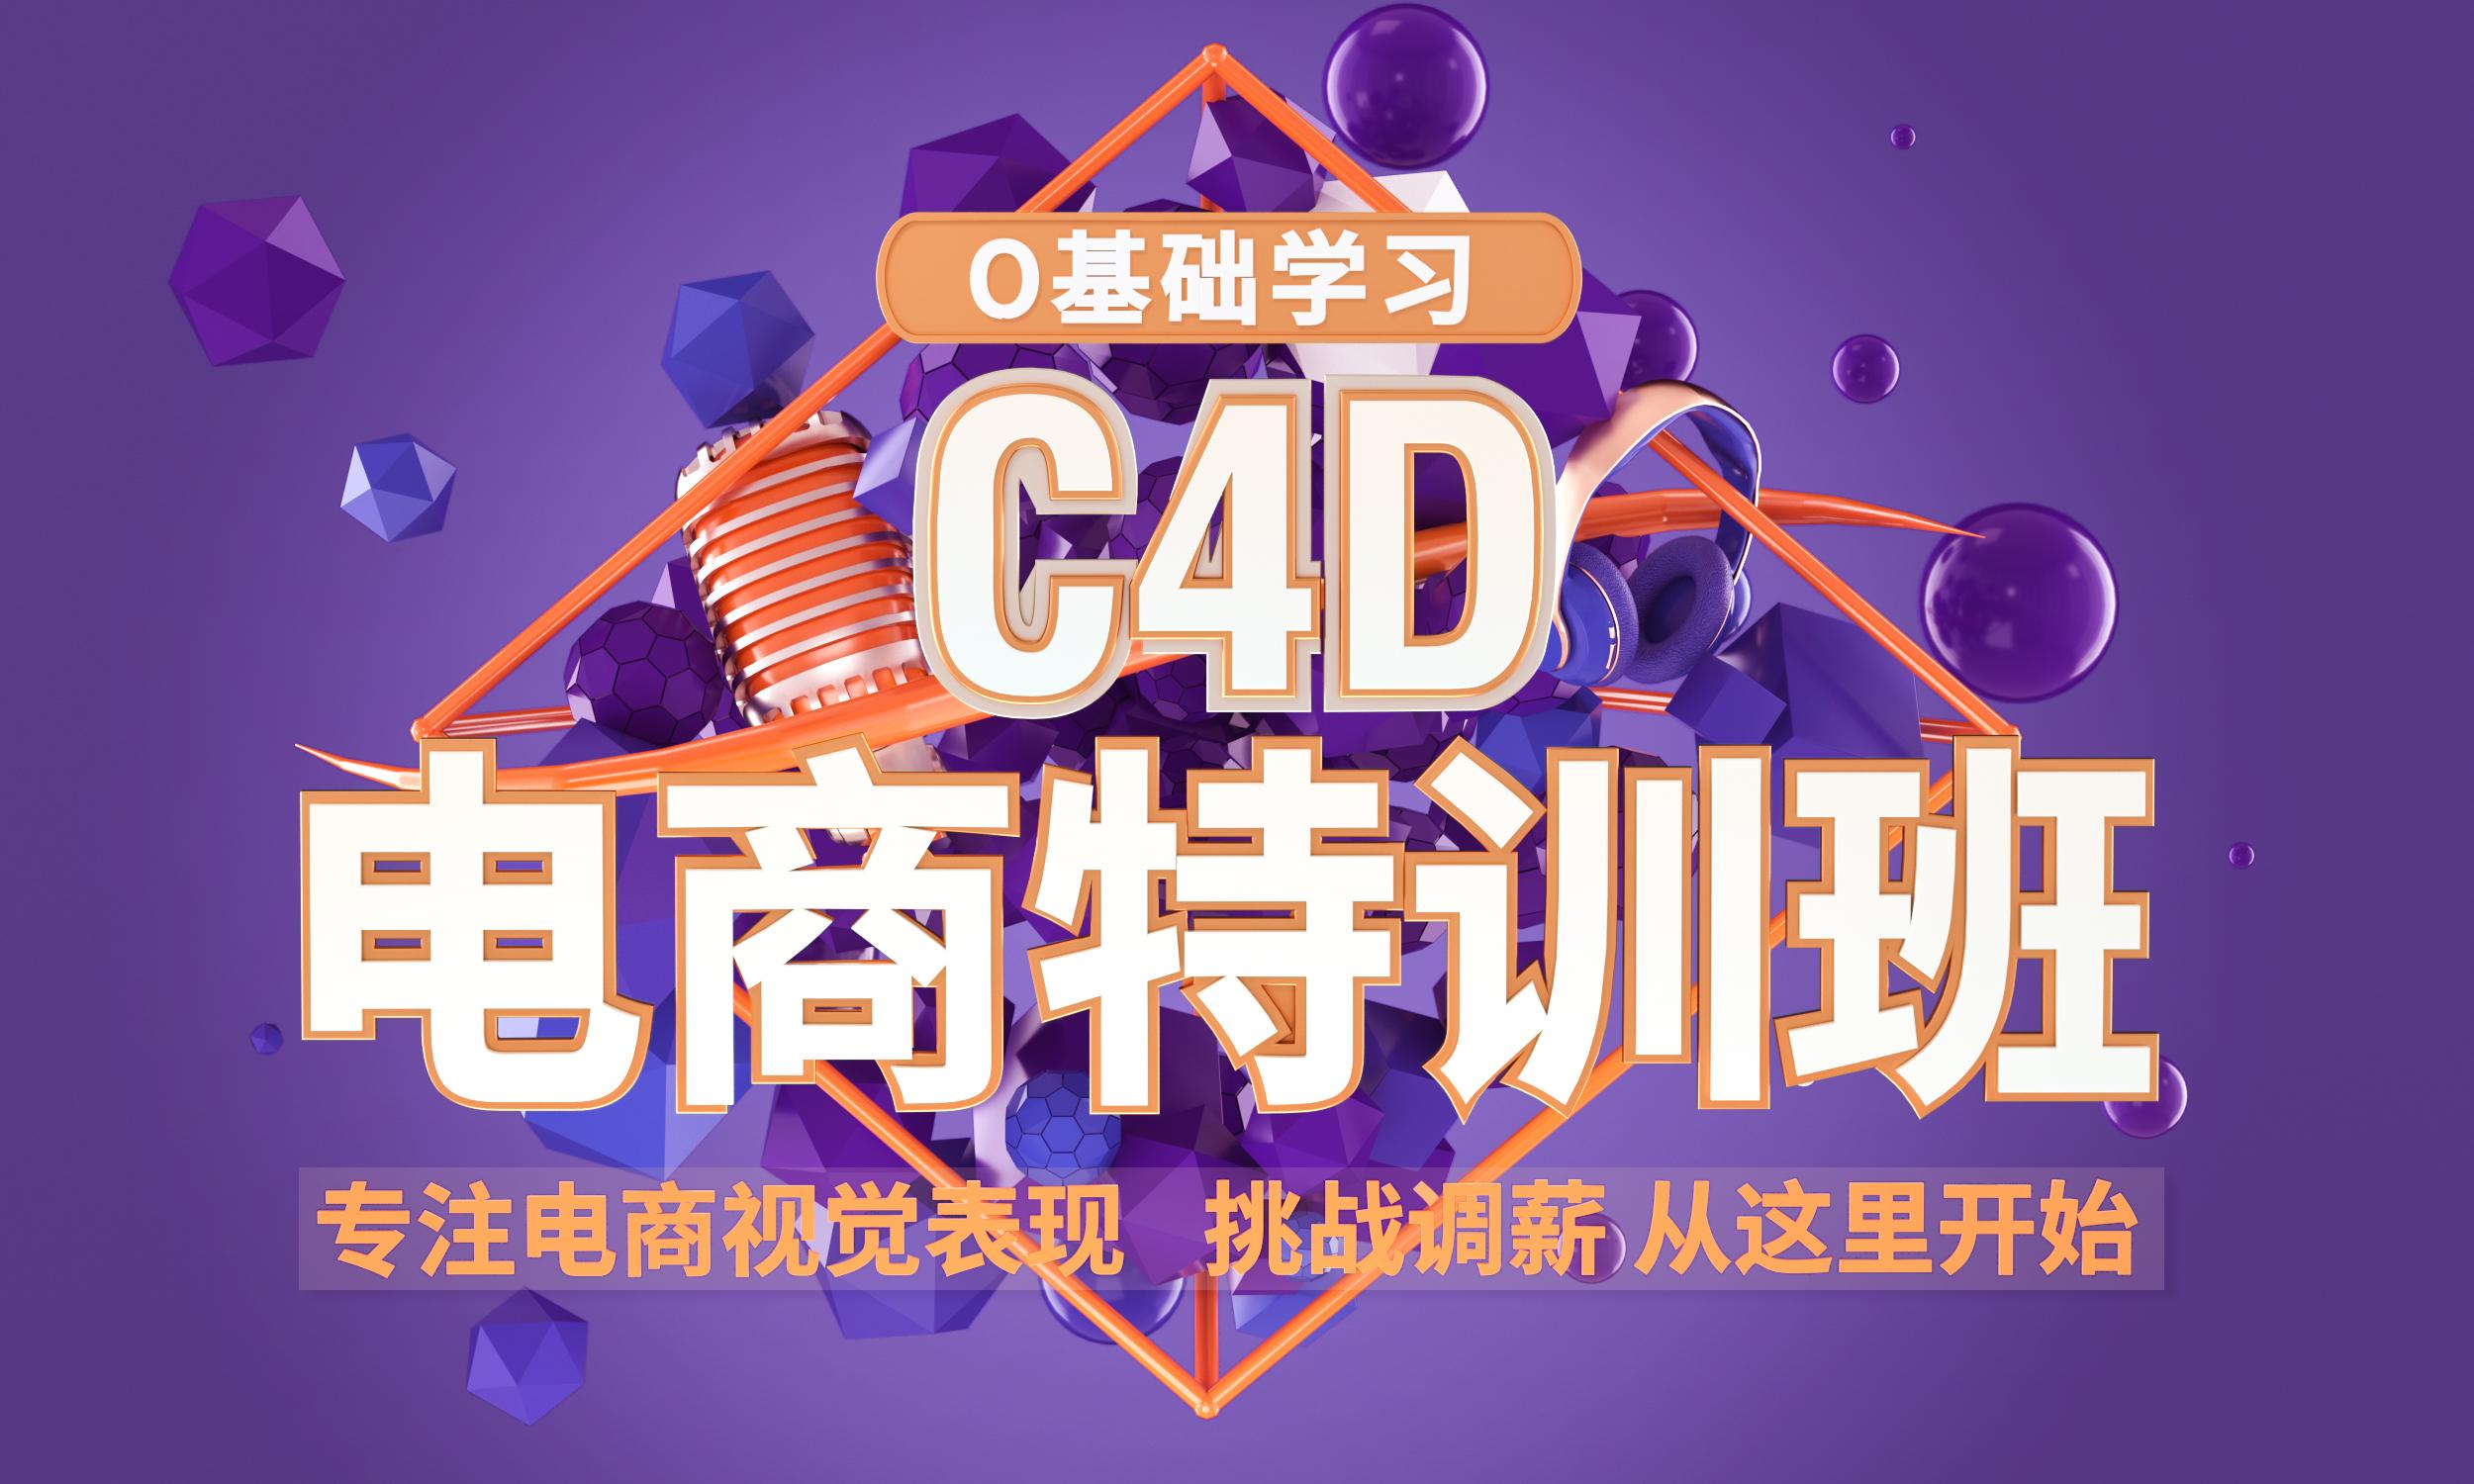 C4D +OC电商全能体验班